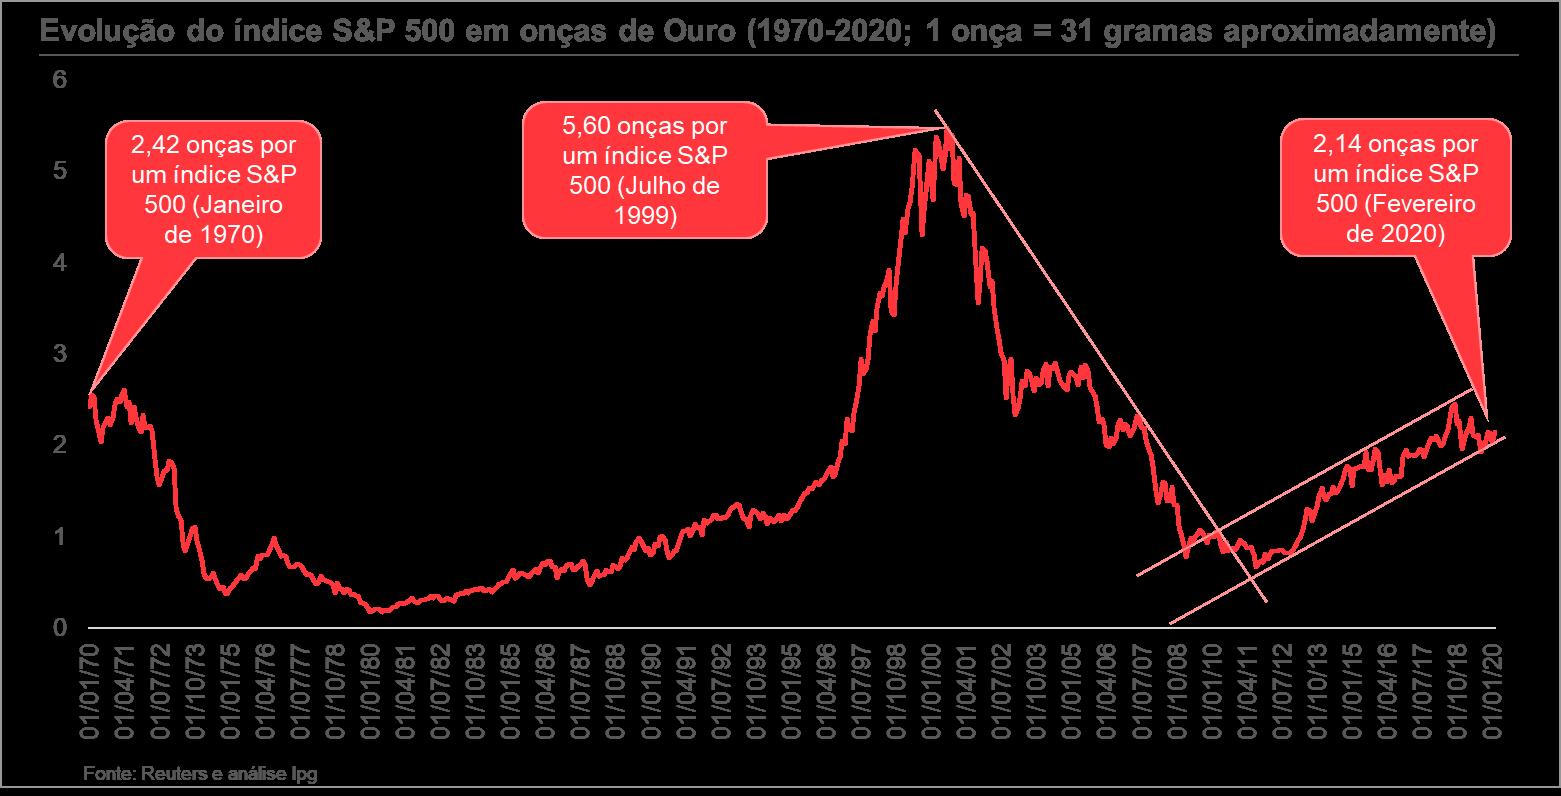 gráfico evolução índice S&P 500 em onças de ouro